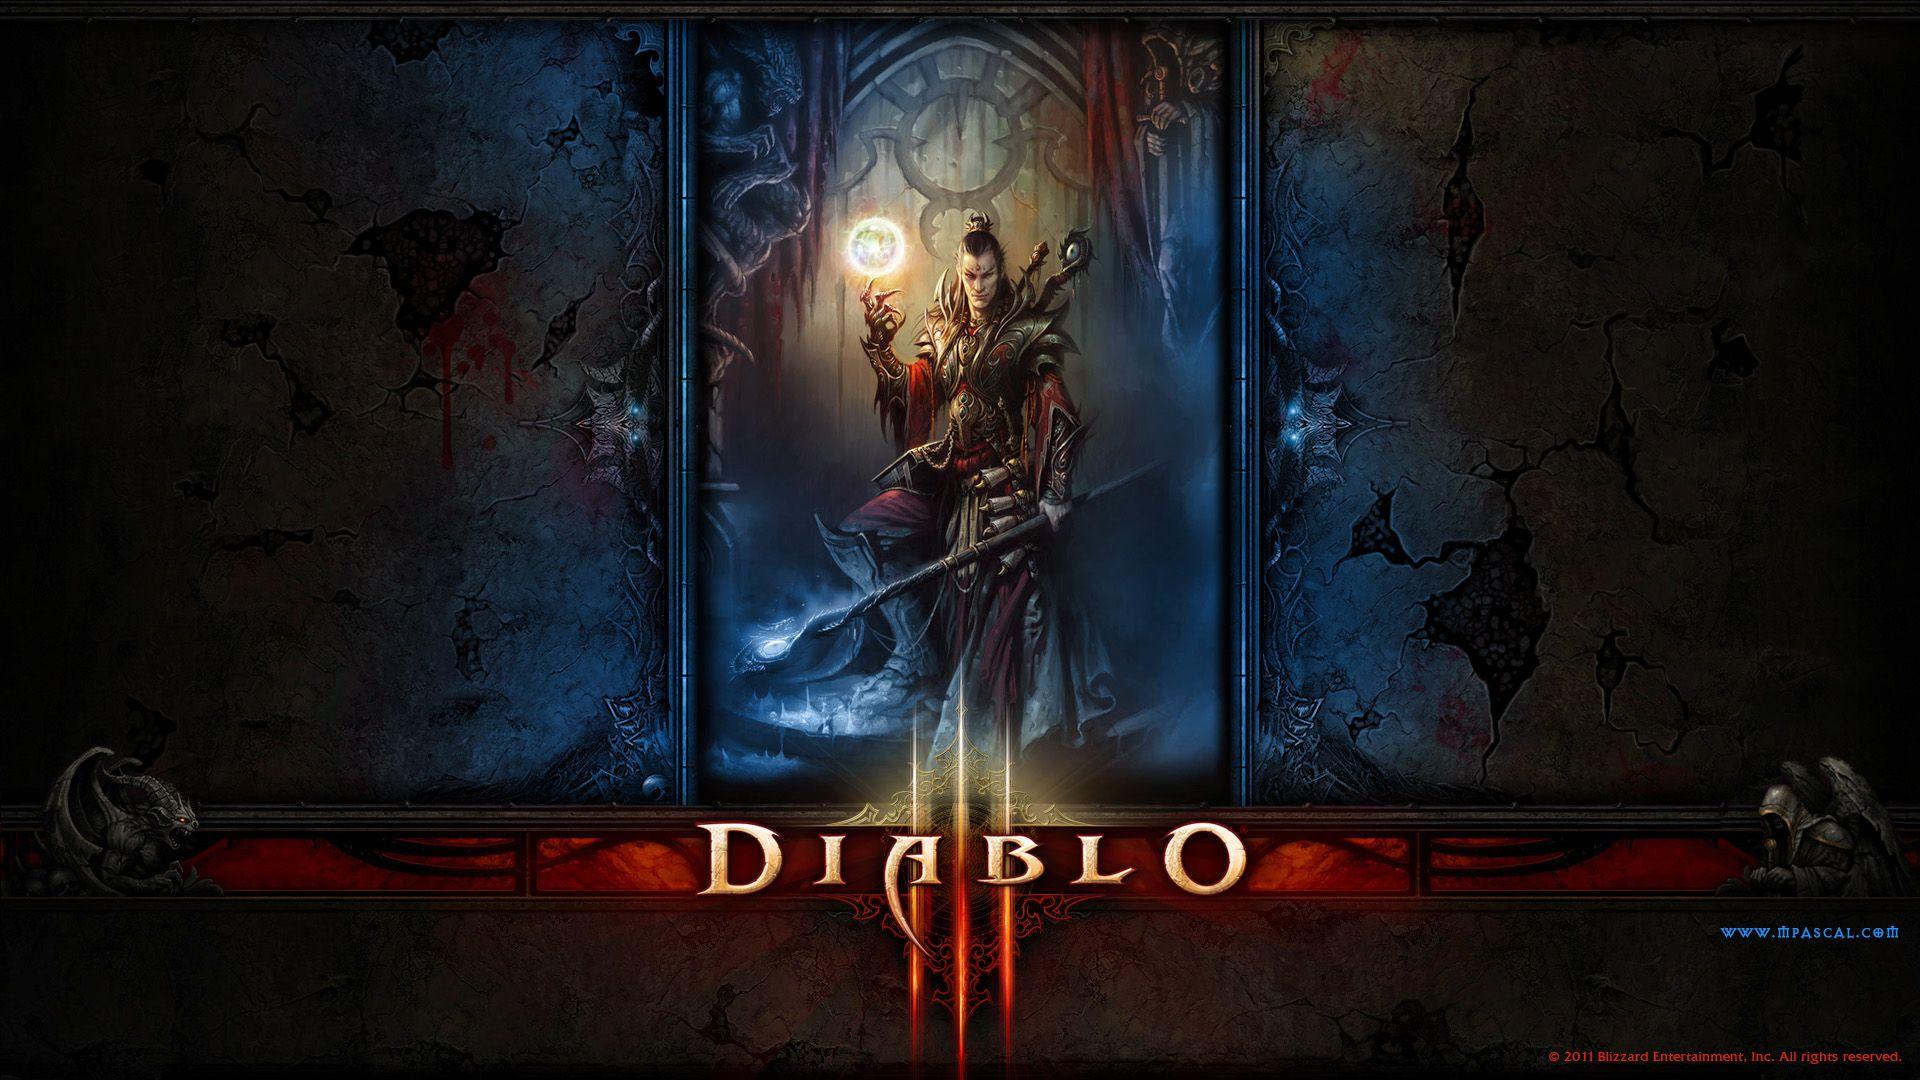 Wallpaper - Diablo 3 Sorcier Wallpaper by Panperkin | Diablo